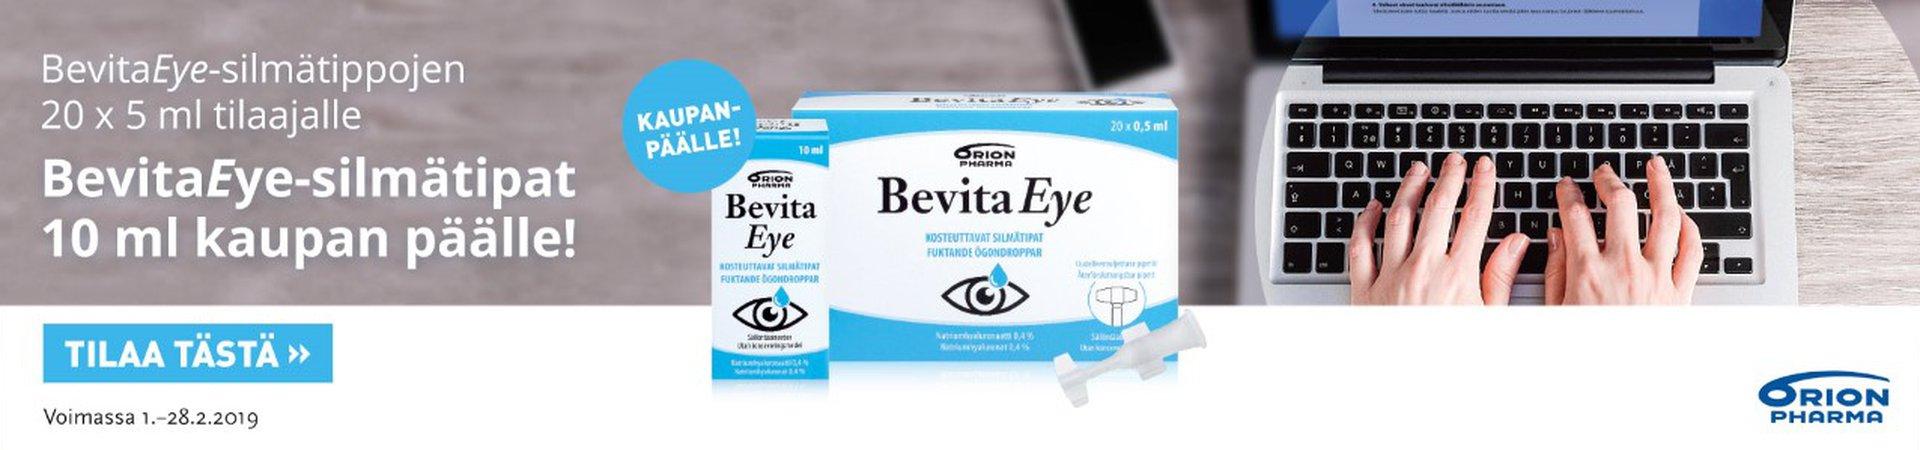 Bevita Eye